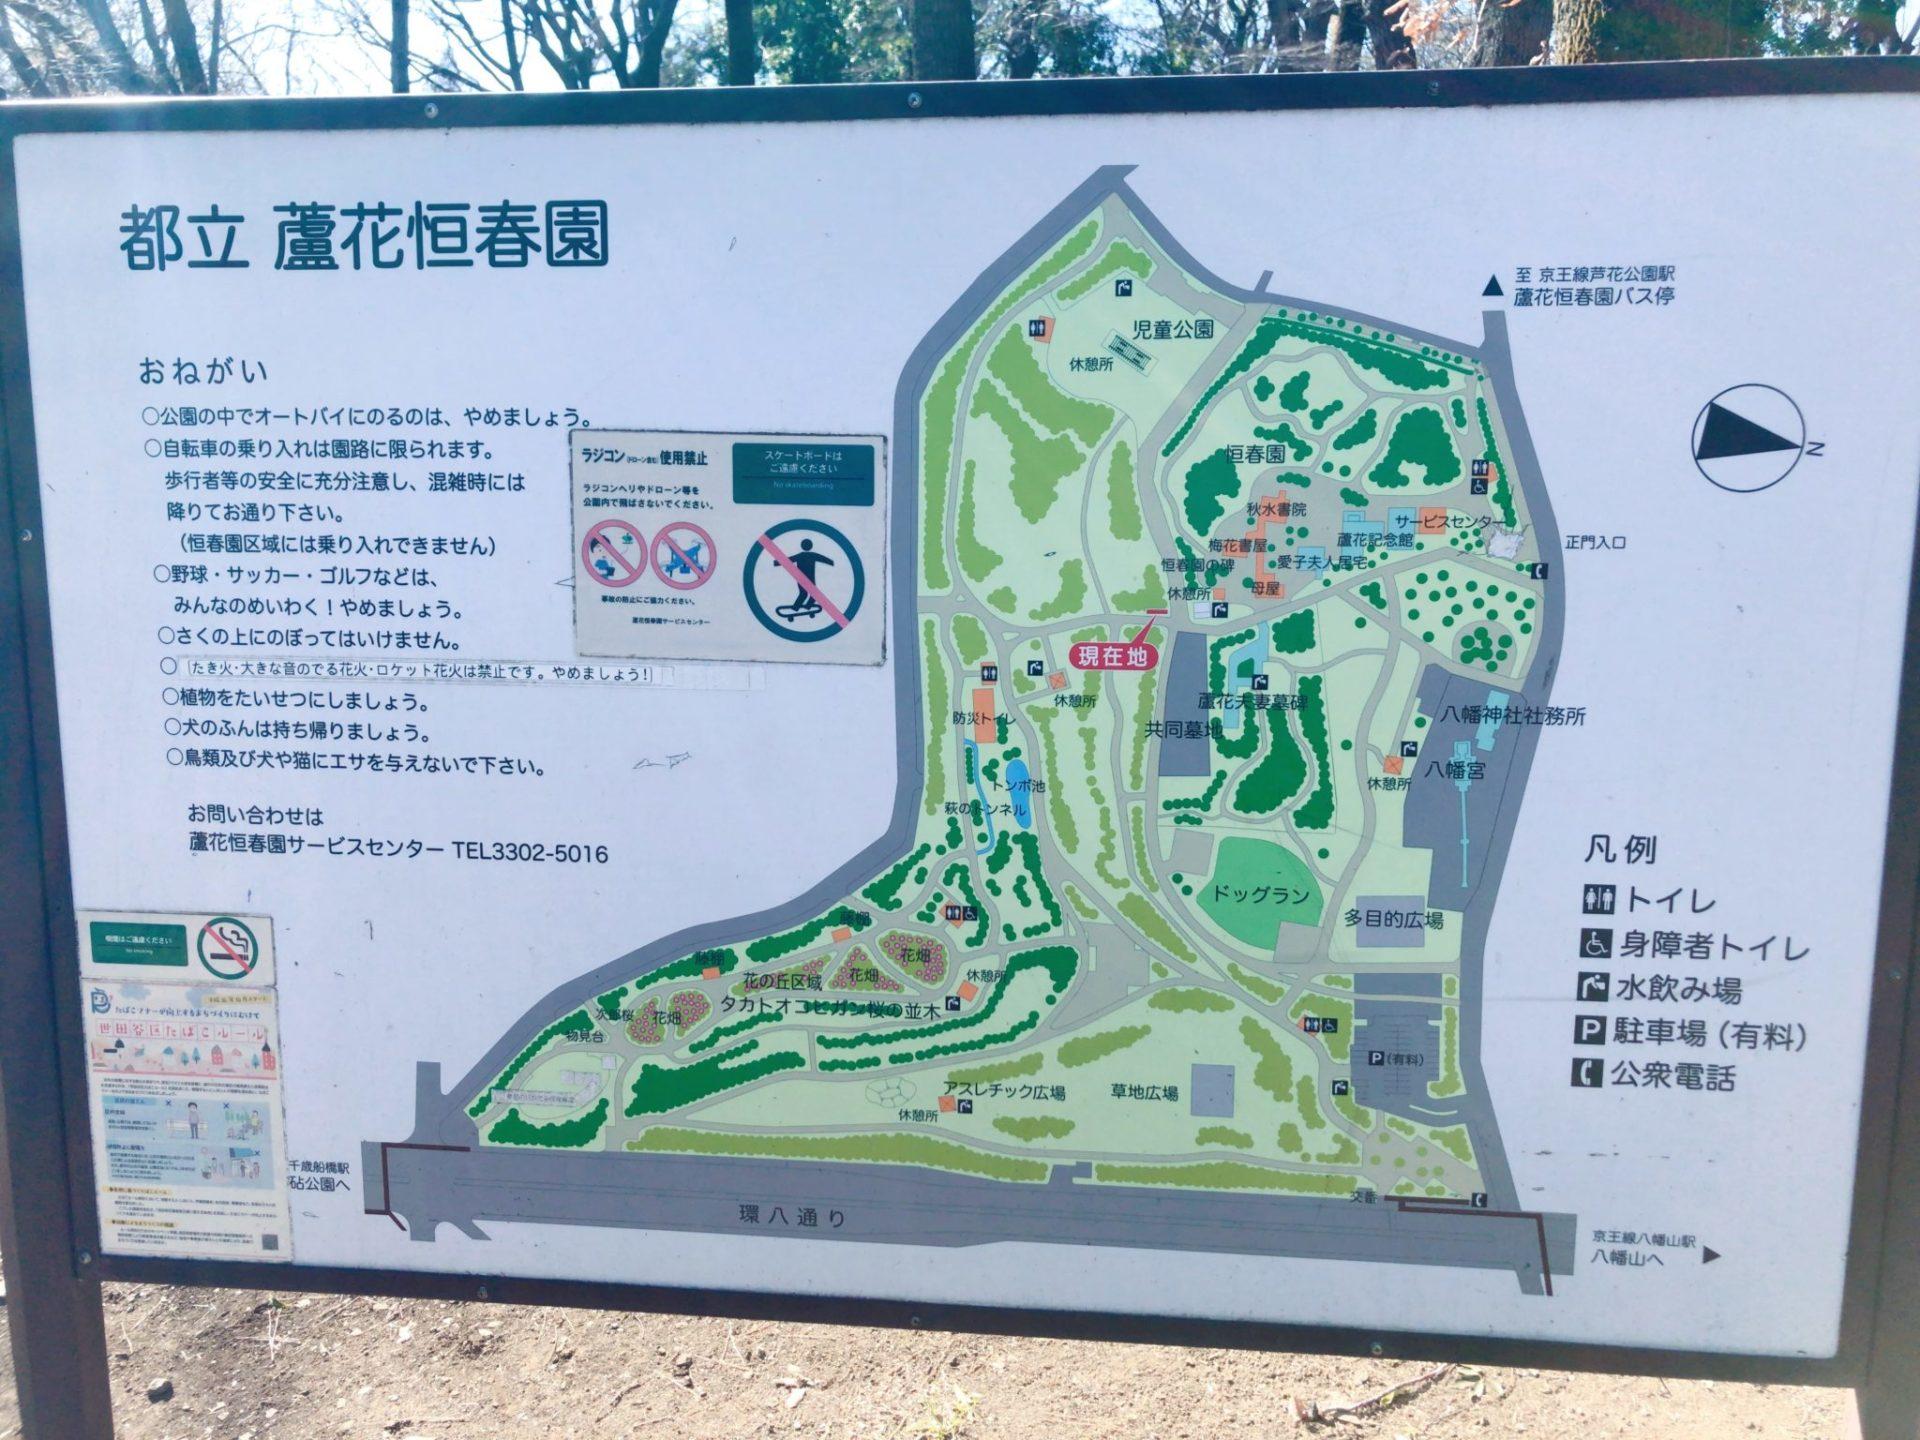 芦花公園(蘆花恒春園)の園内マップ